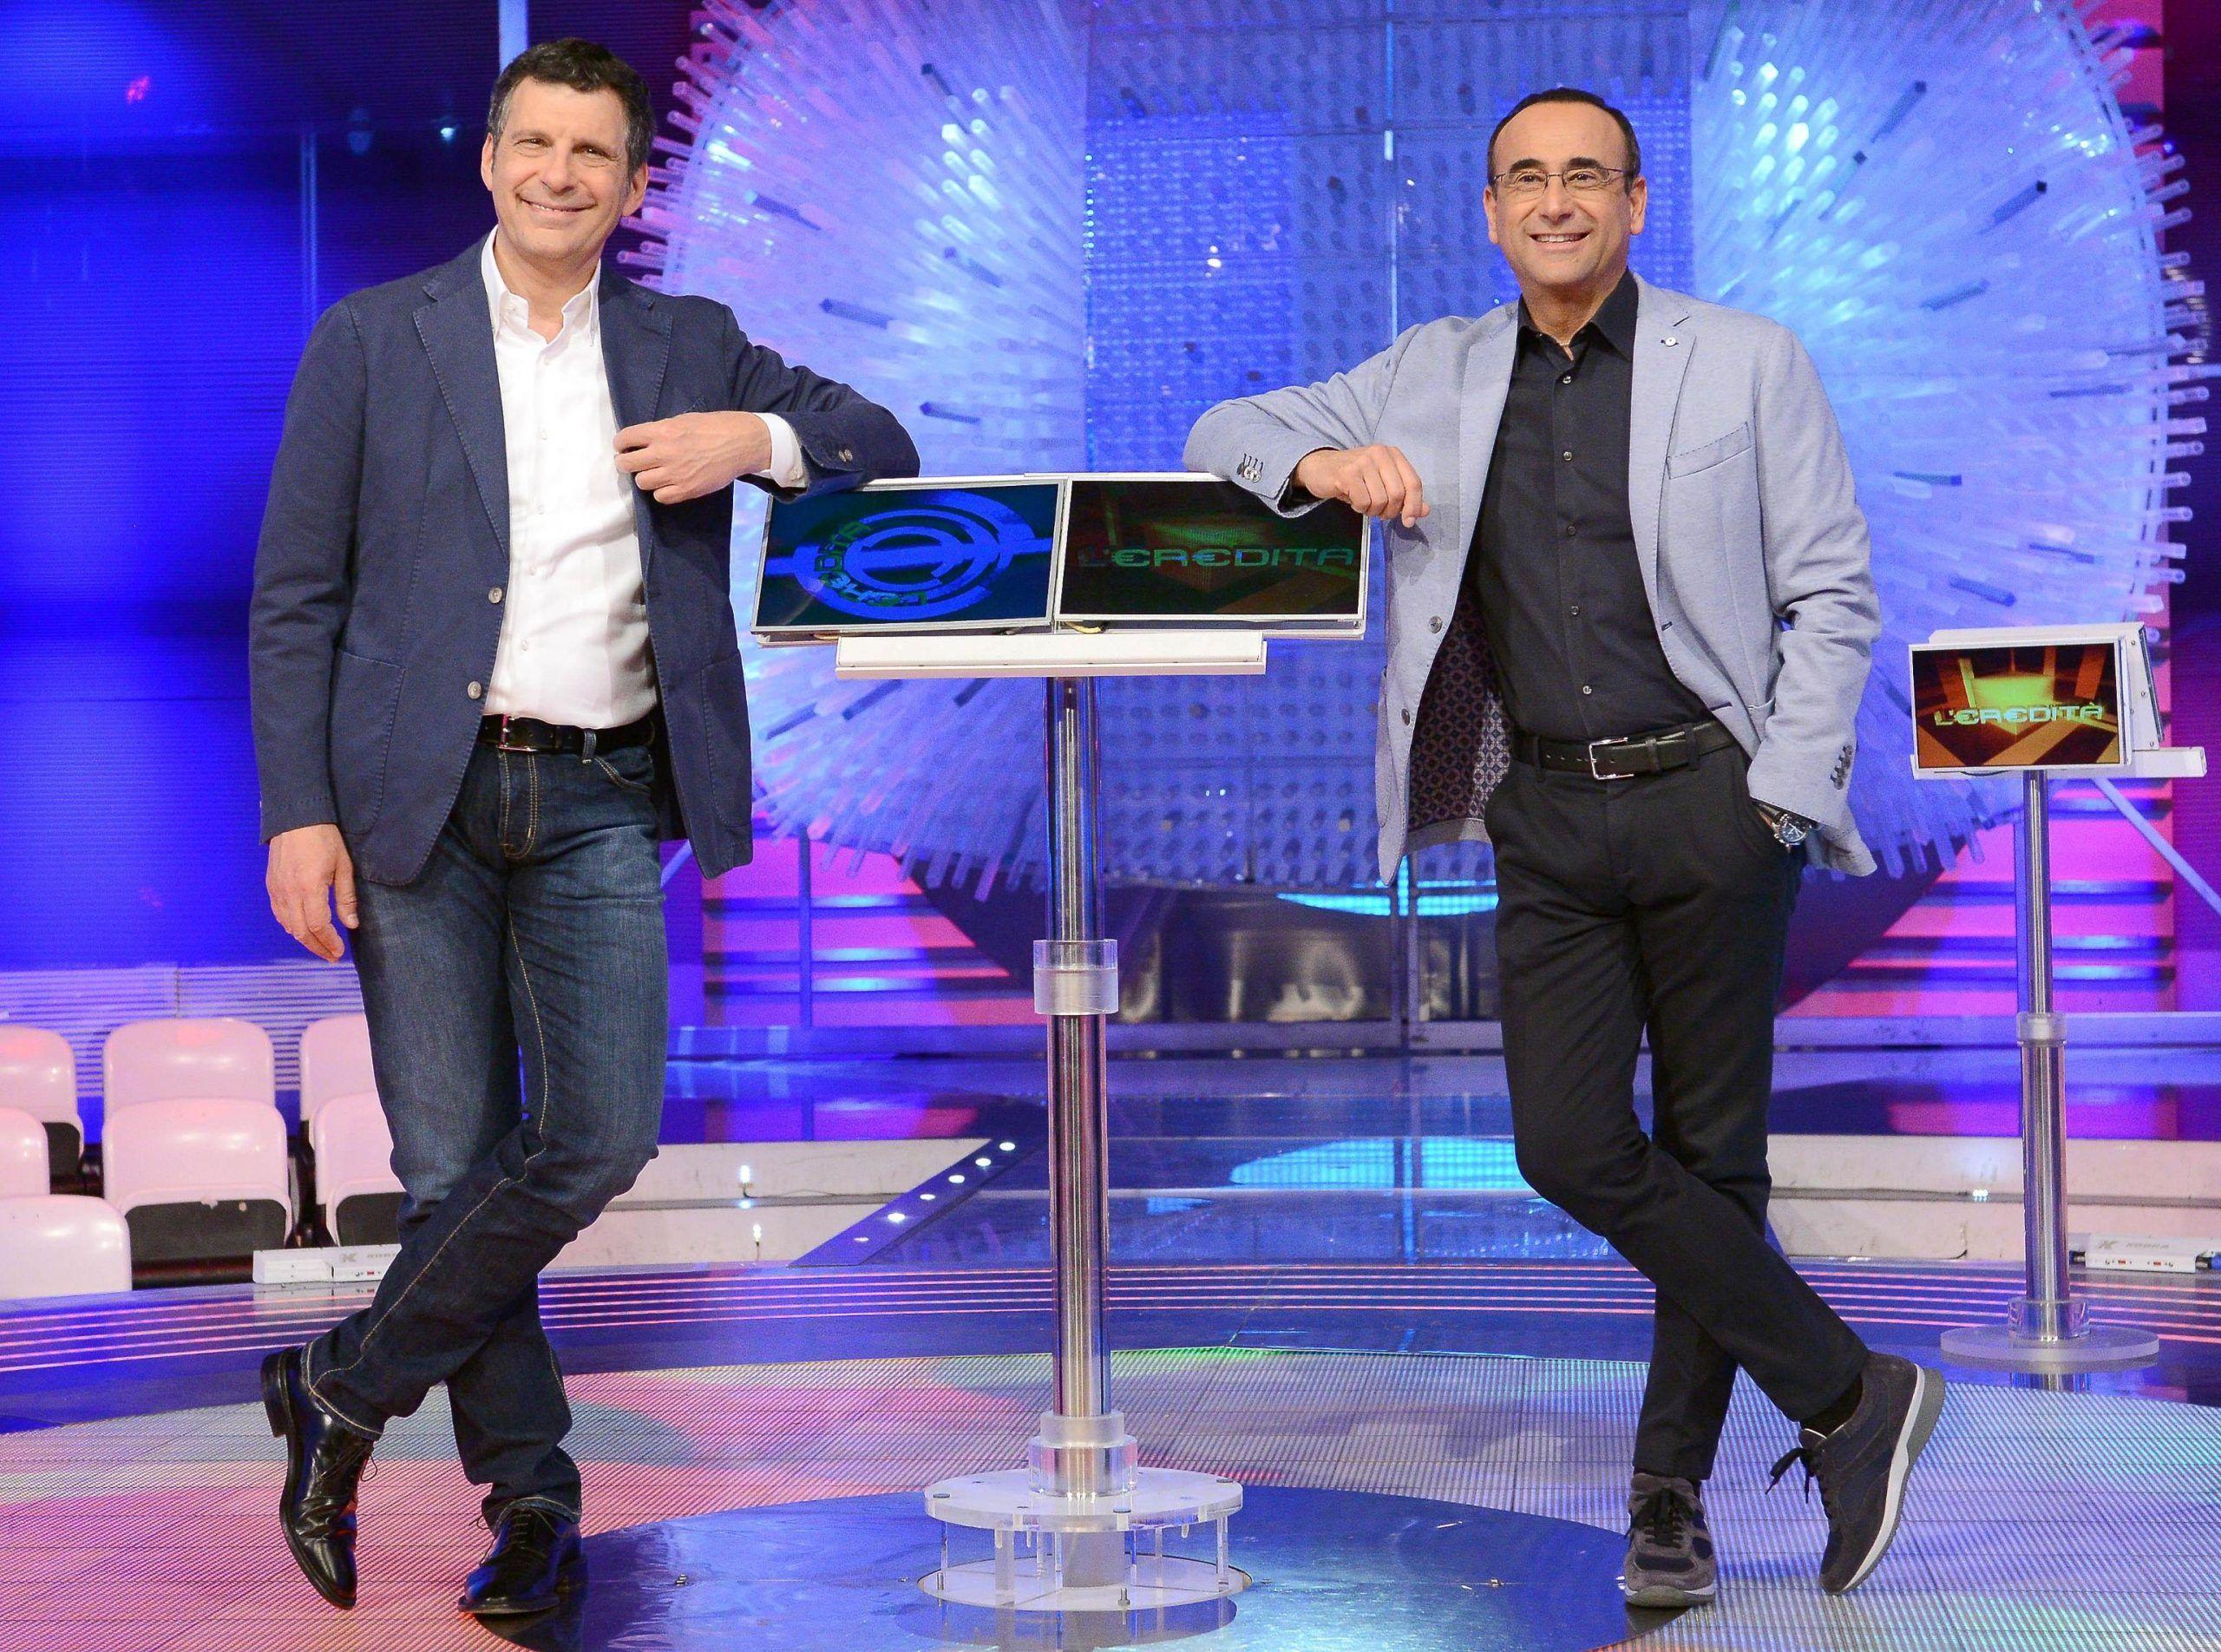 TV: Rai; L'Eredita'